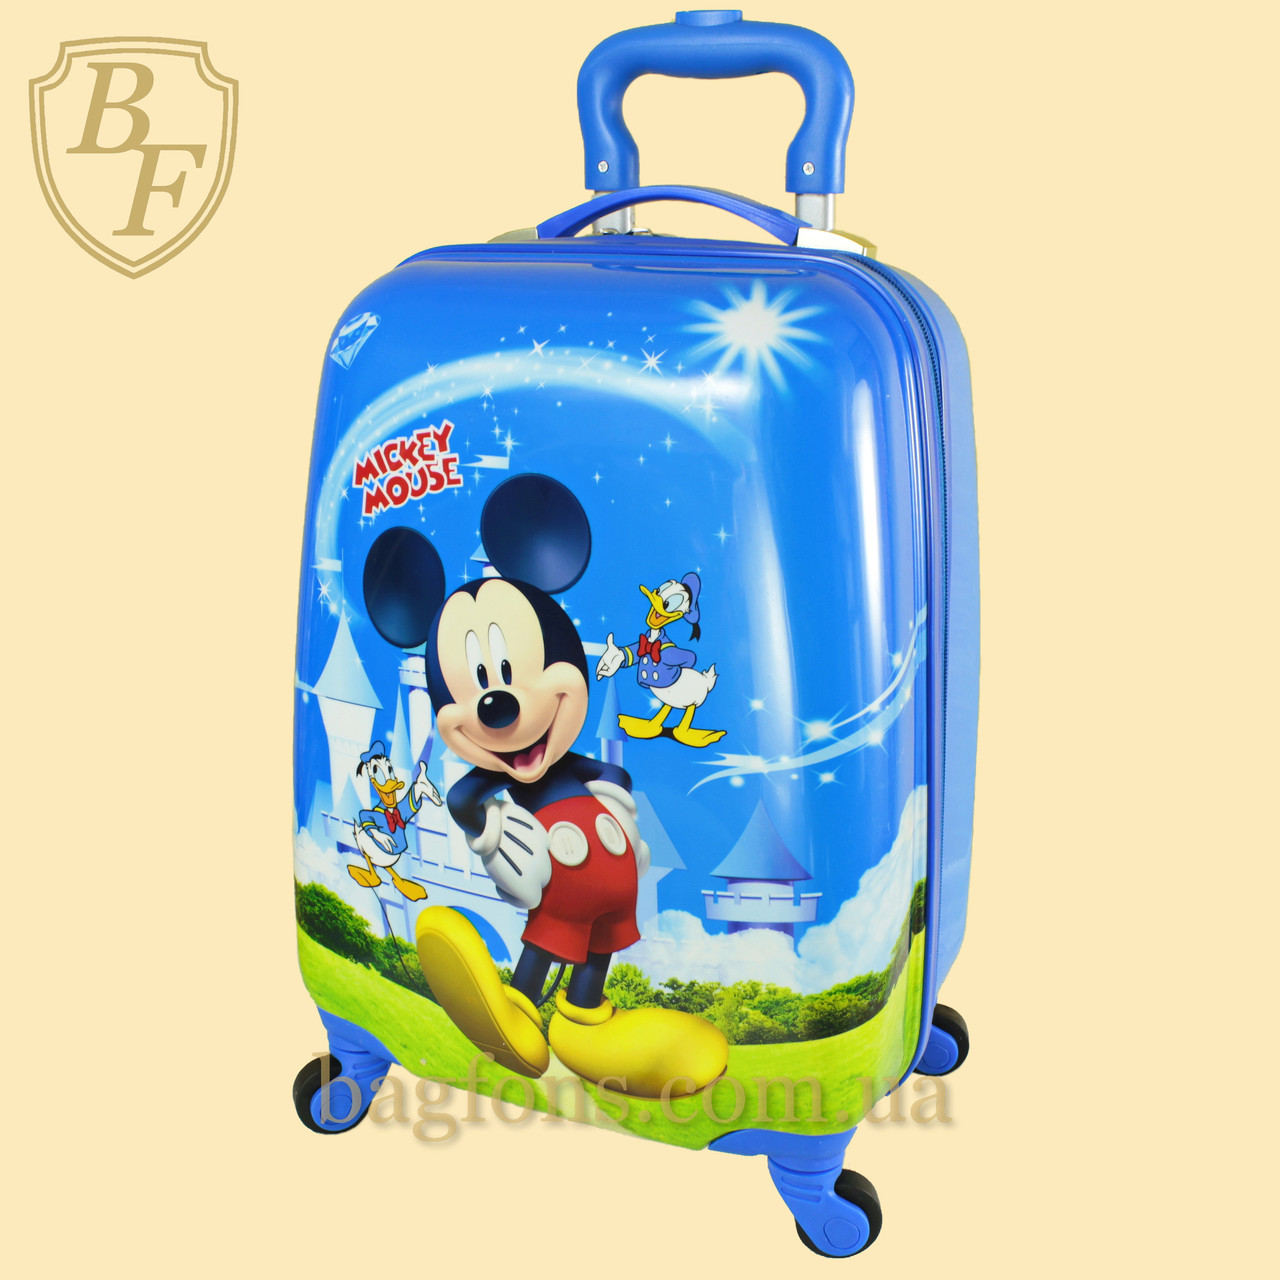 Детский чемодан Mickey Mouse